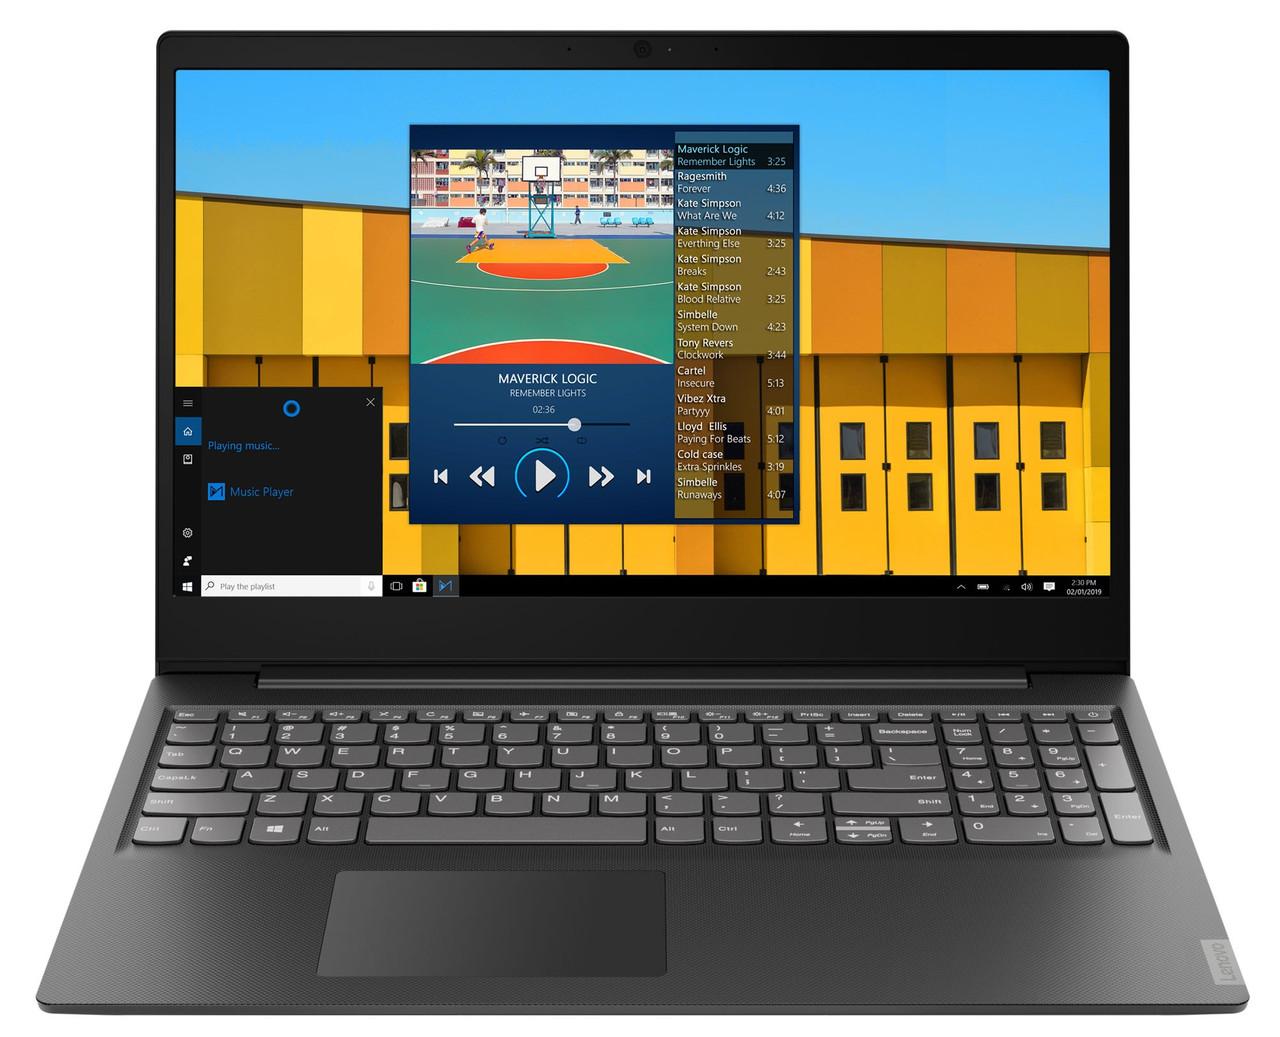 """Ноутбук Lenovo IdeaPad S145-15IKB (81VD007TRA); 15.6"""" FullHD (1920x1080) TN LED матовый / Intel Core i3-8130U (2.2 - 3.4 ГГц) / RAM 8 ГБ / SSD 256 ГБ"""